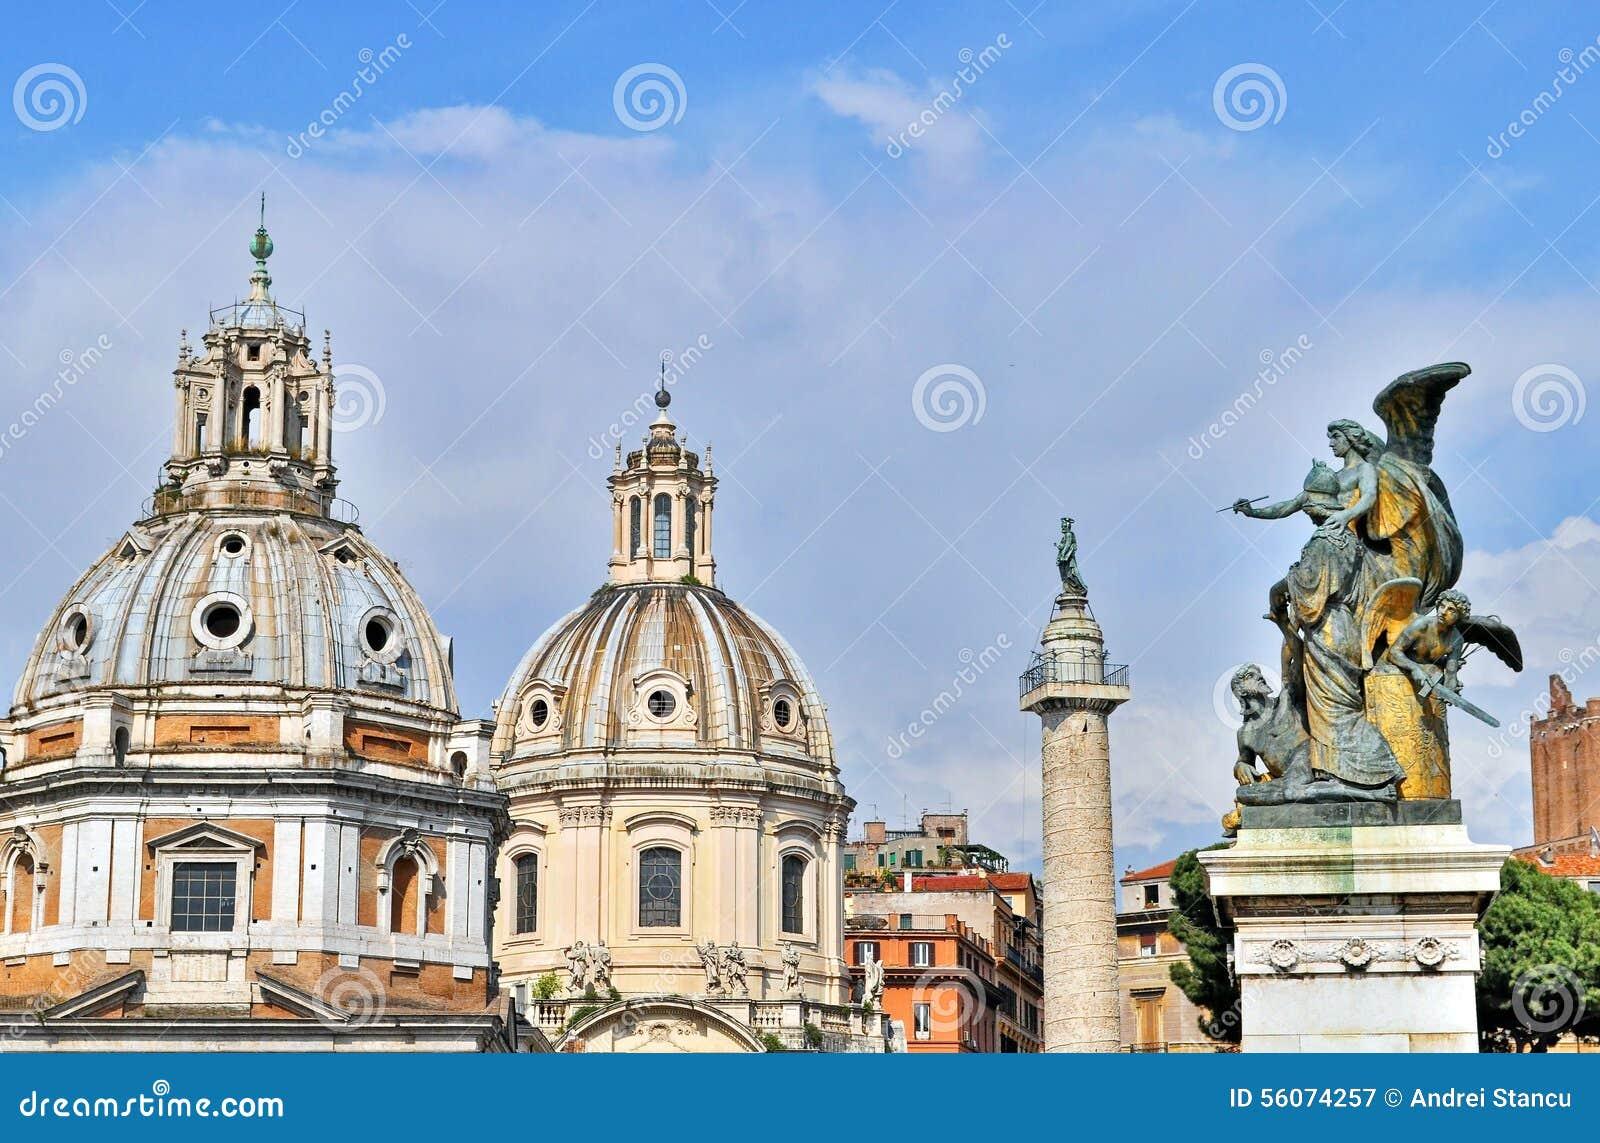 Architektur von Rom